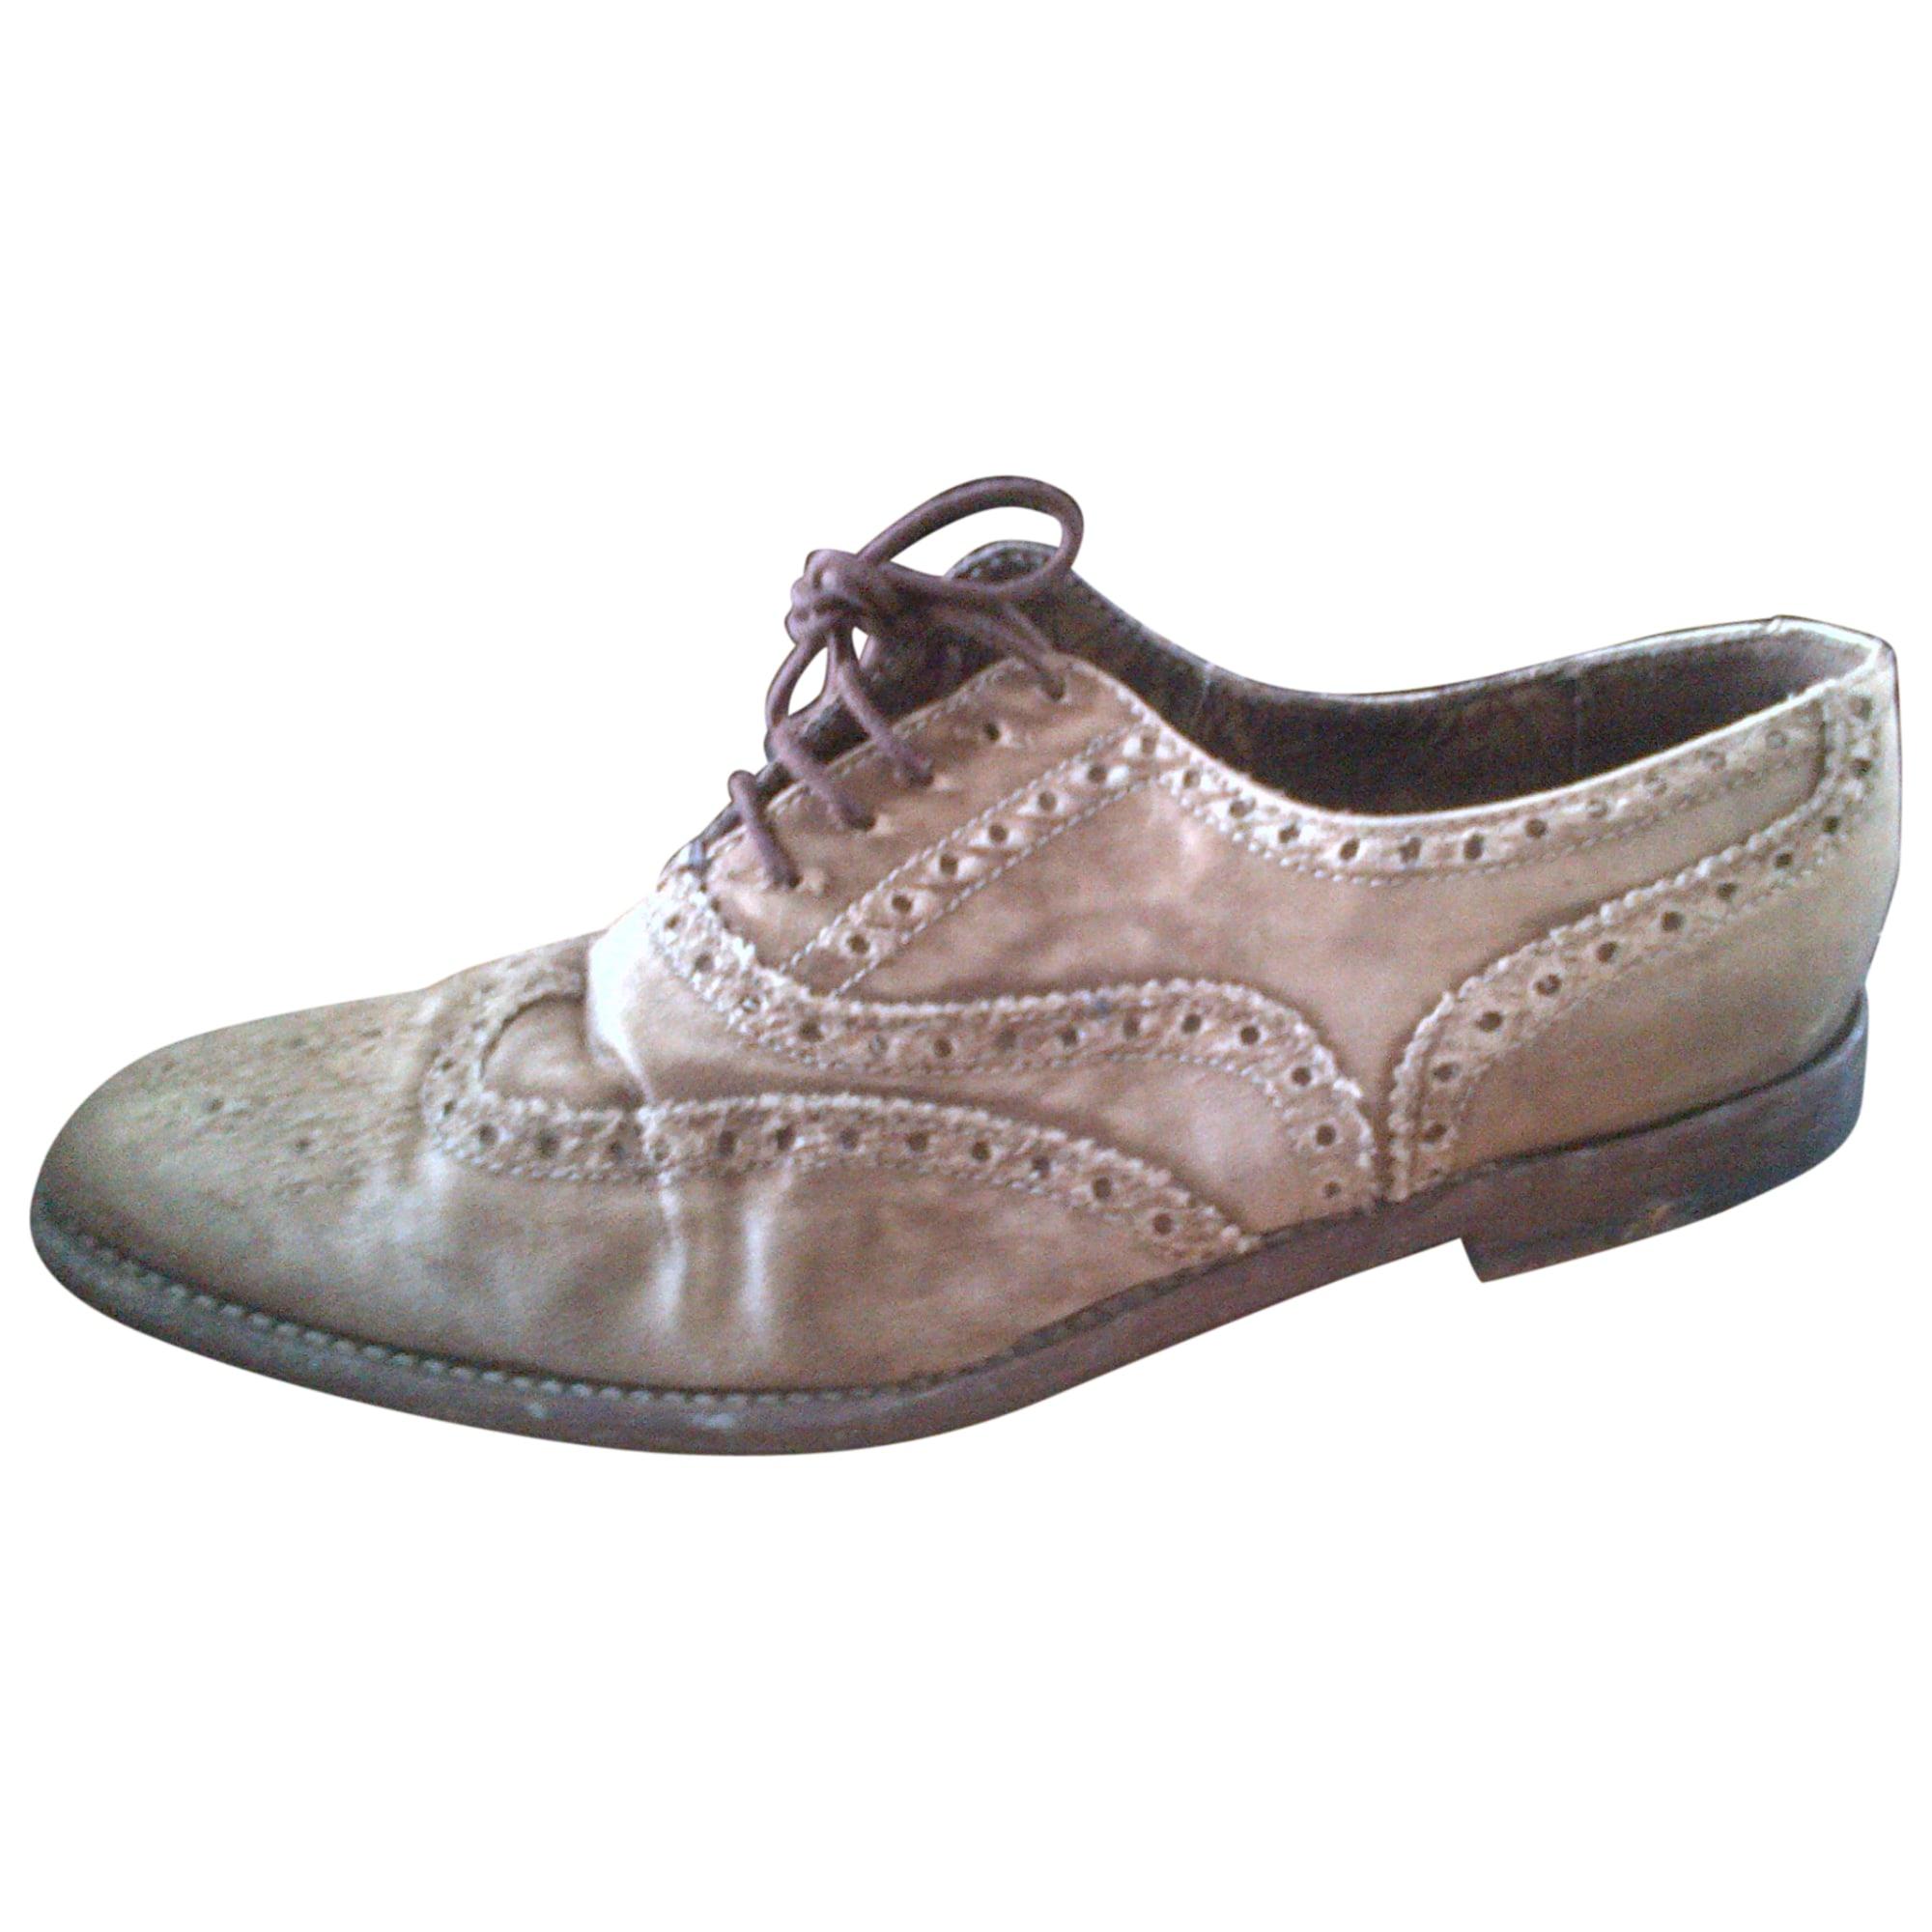 Chaussures à lacets  PAUL SMITH Beige, camel